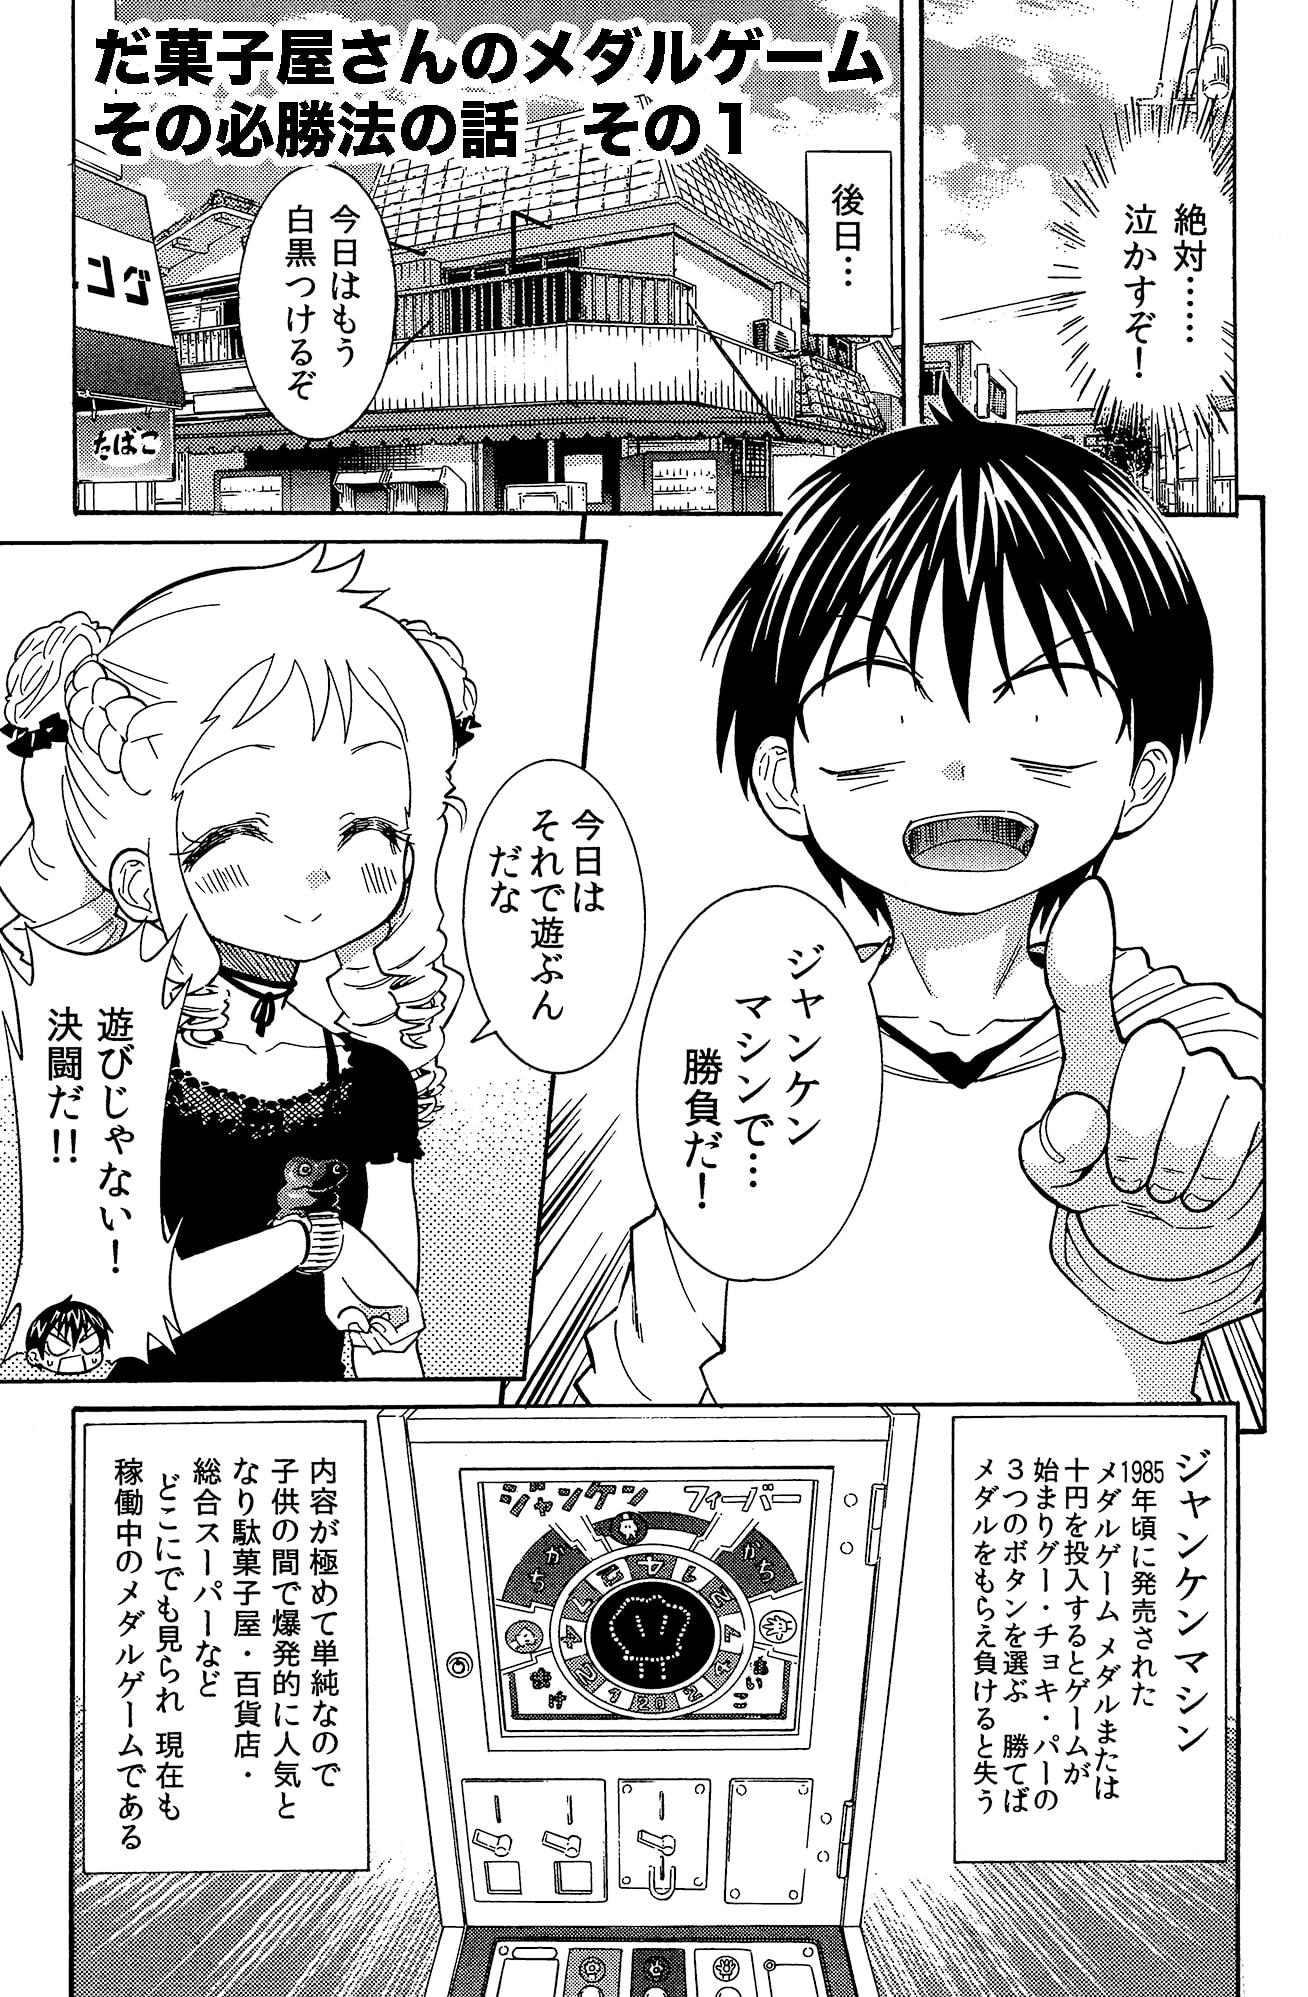 マキノ嬢のハメ技からぬけ出せ!2(商品番号:RJ335653)